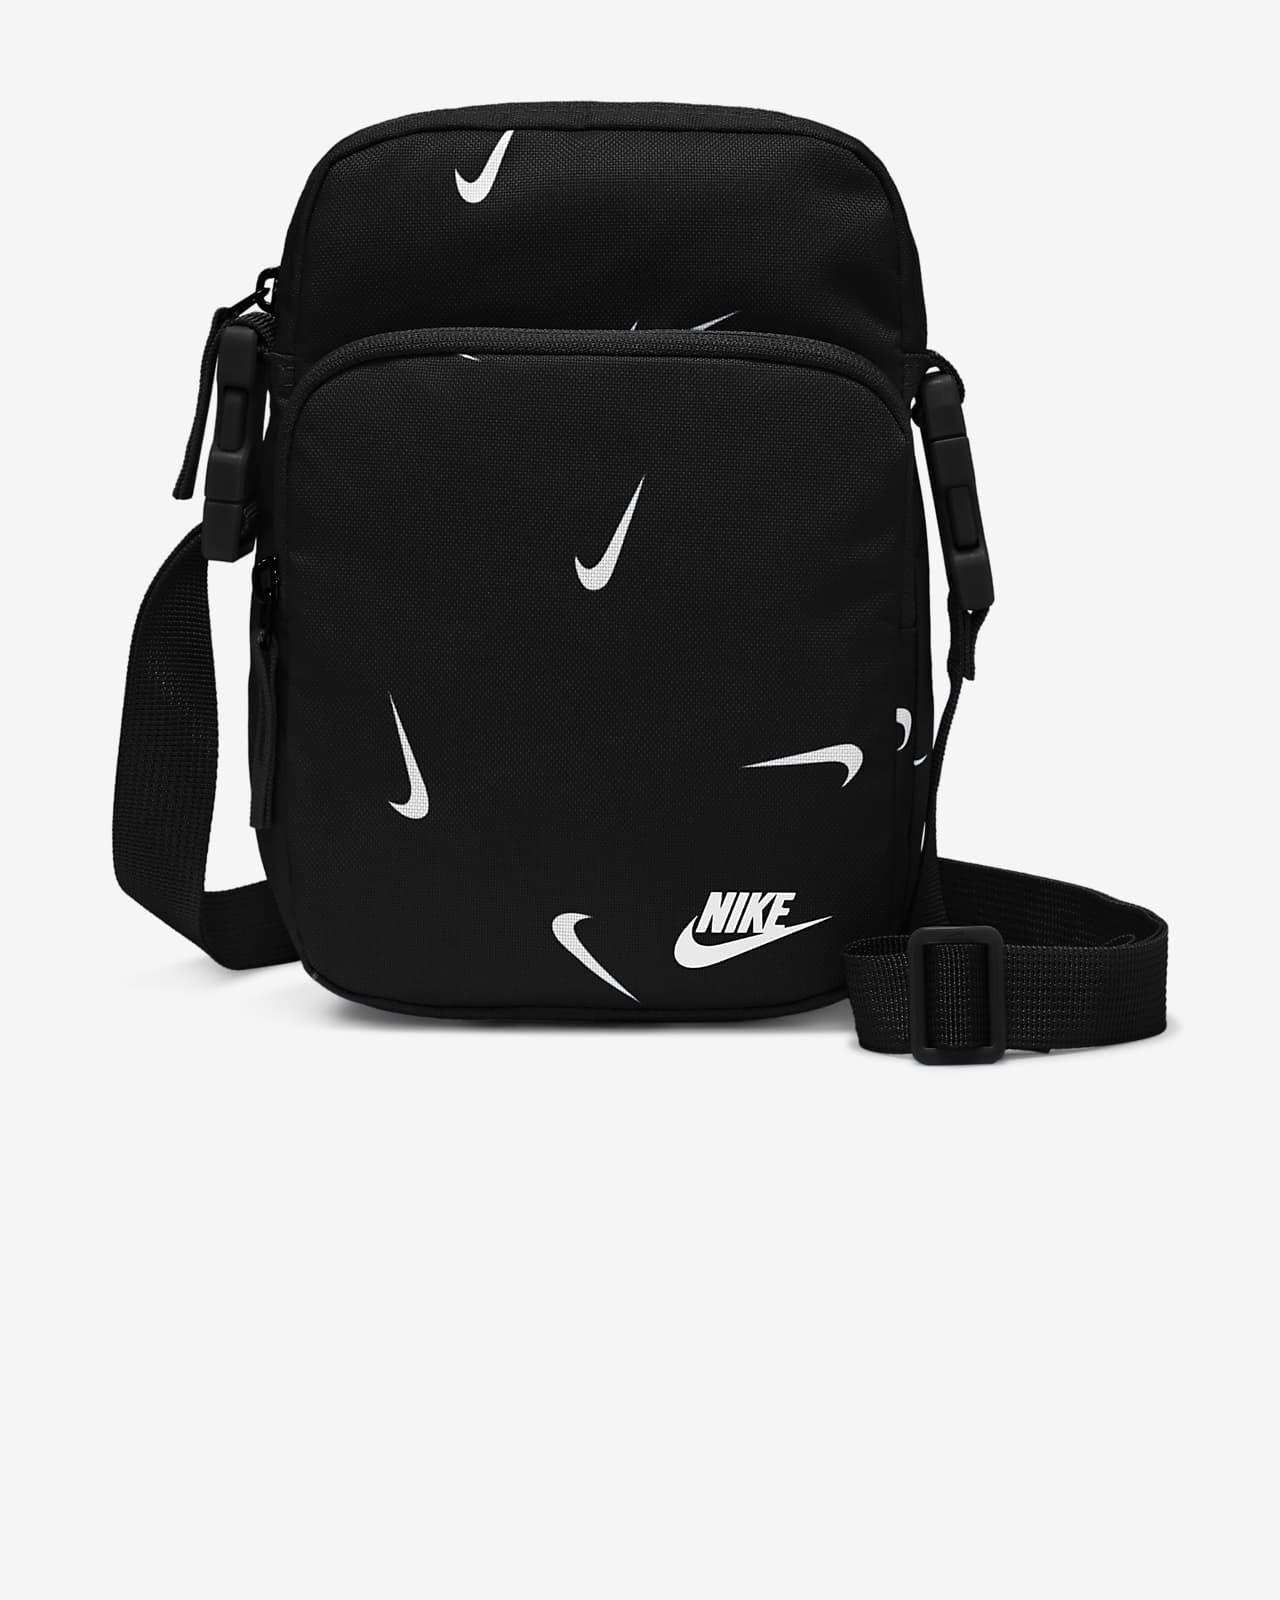 กระเป๋าใส่สิ่งของชิ้นเล็ก Nike Heritage